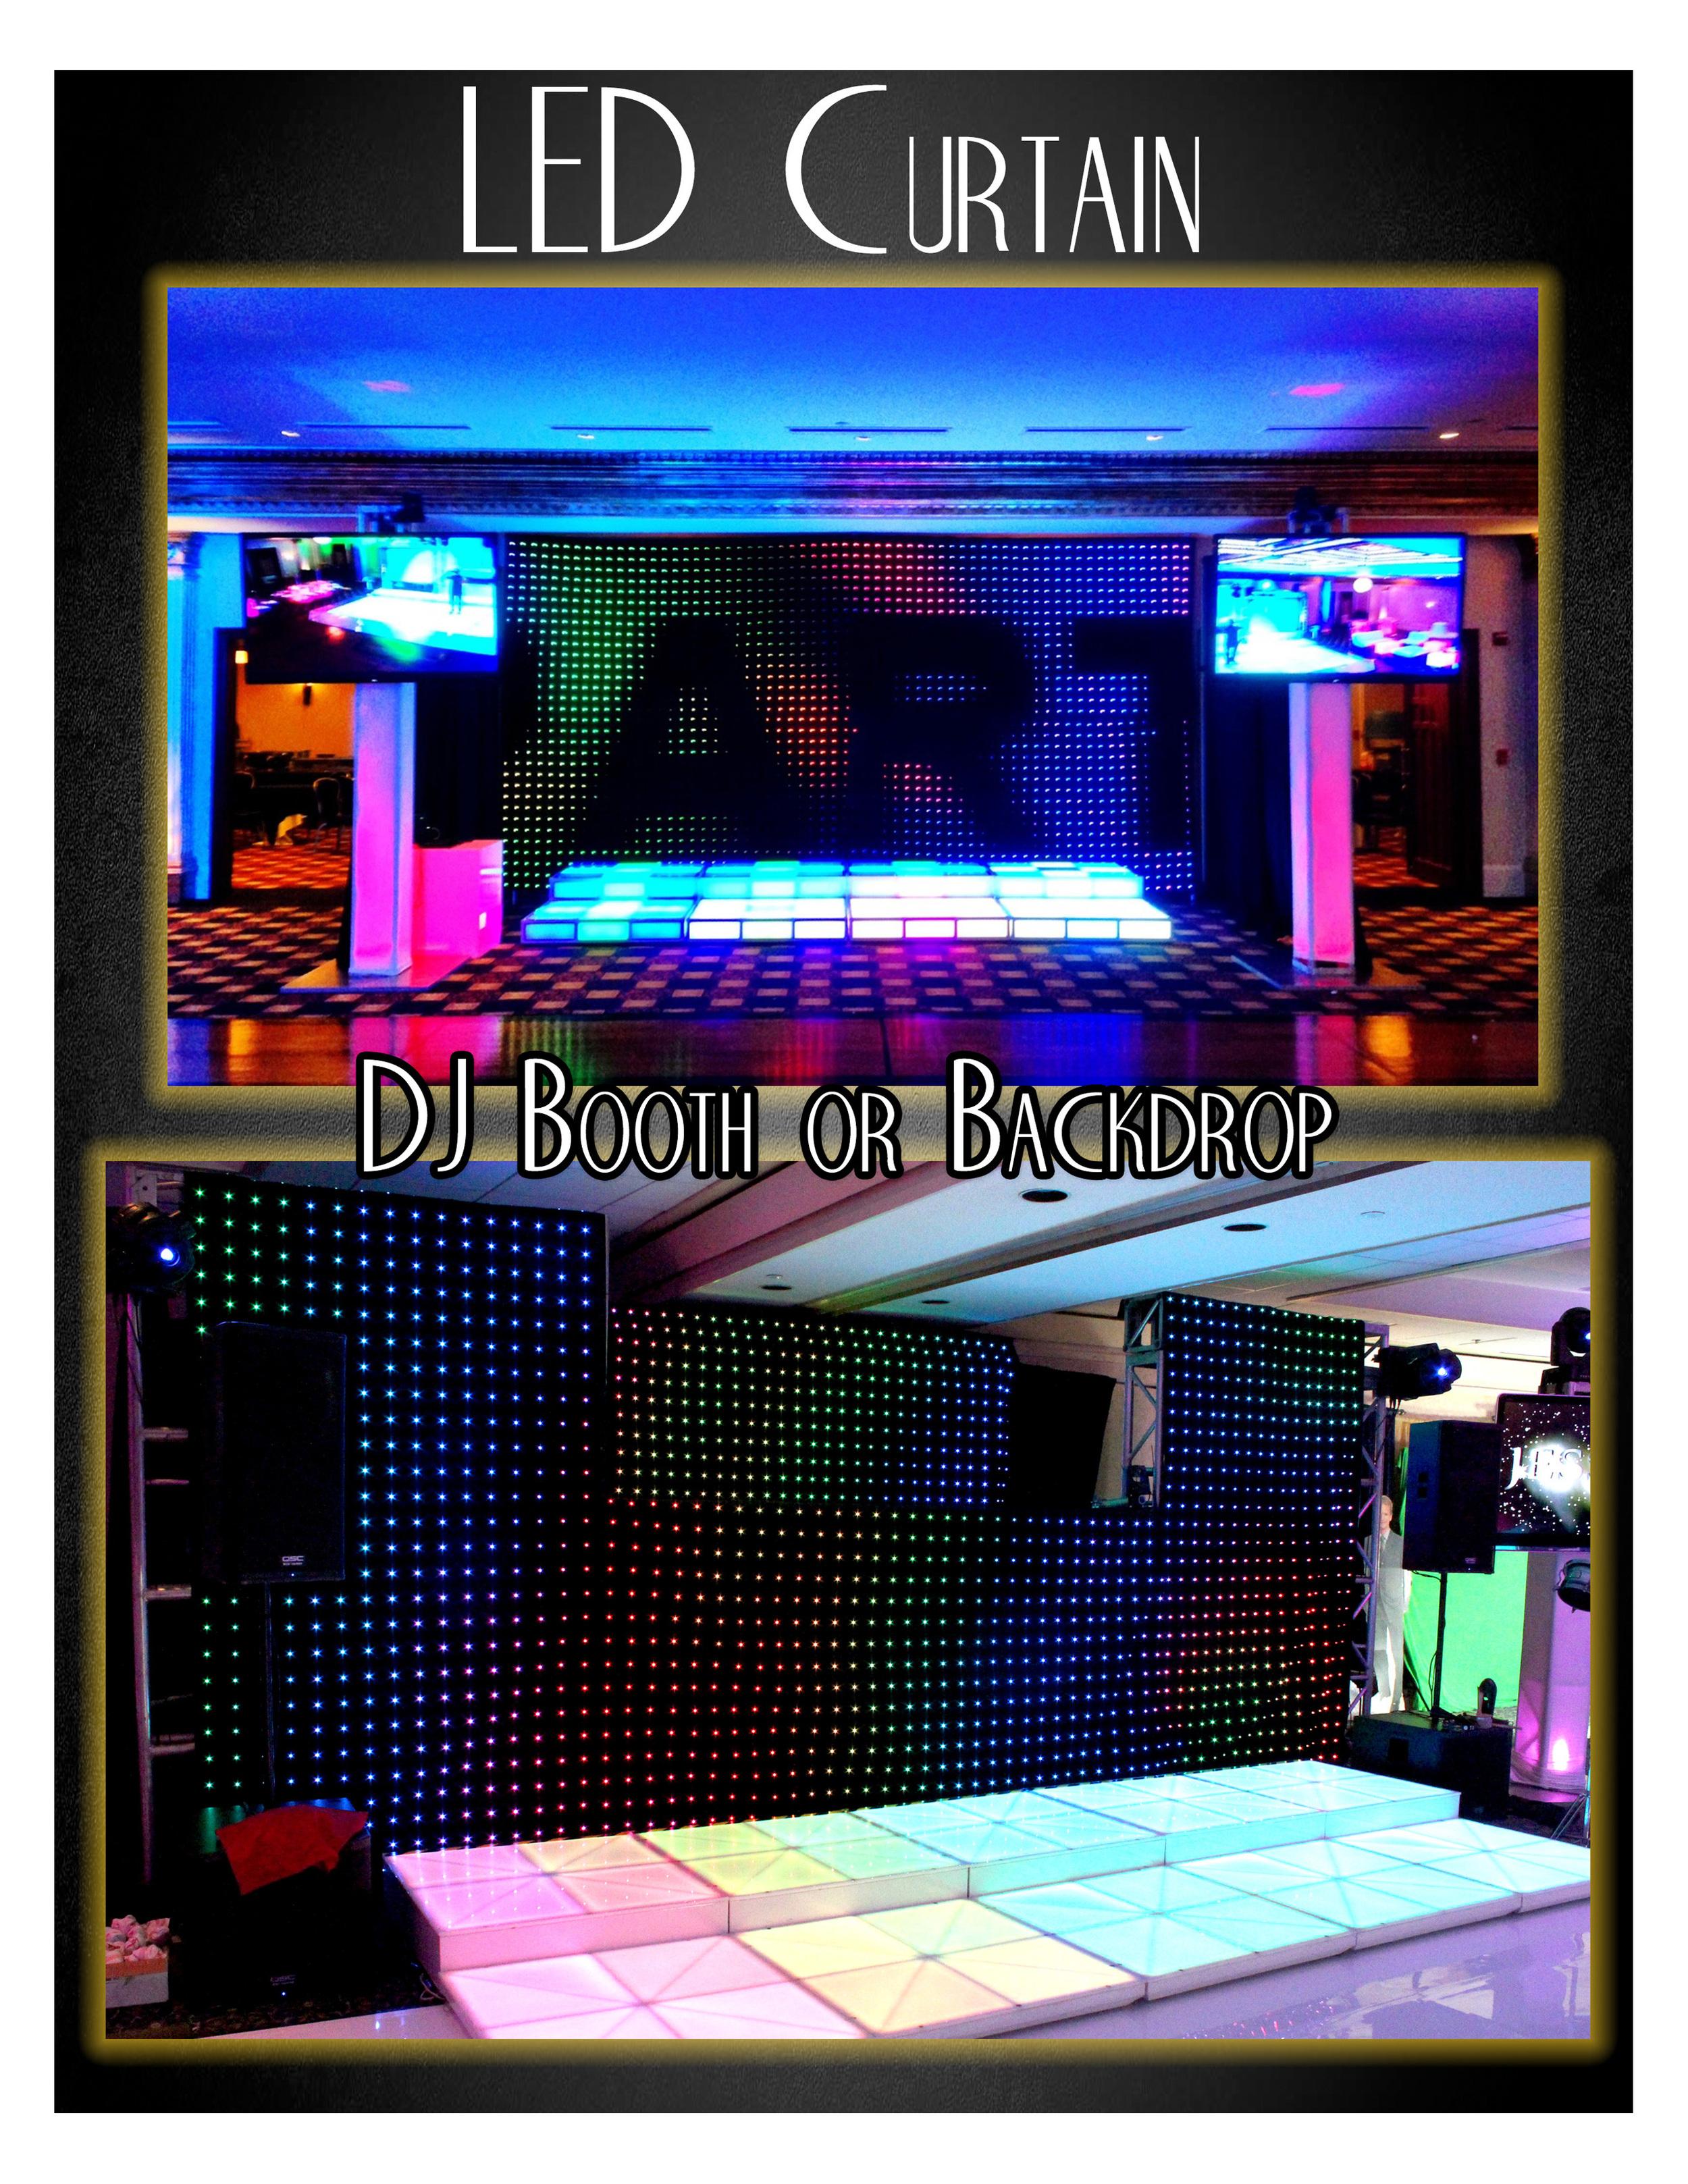 P14_LED Curtain.jpg